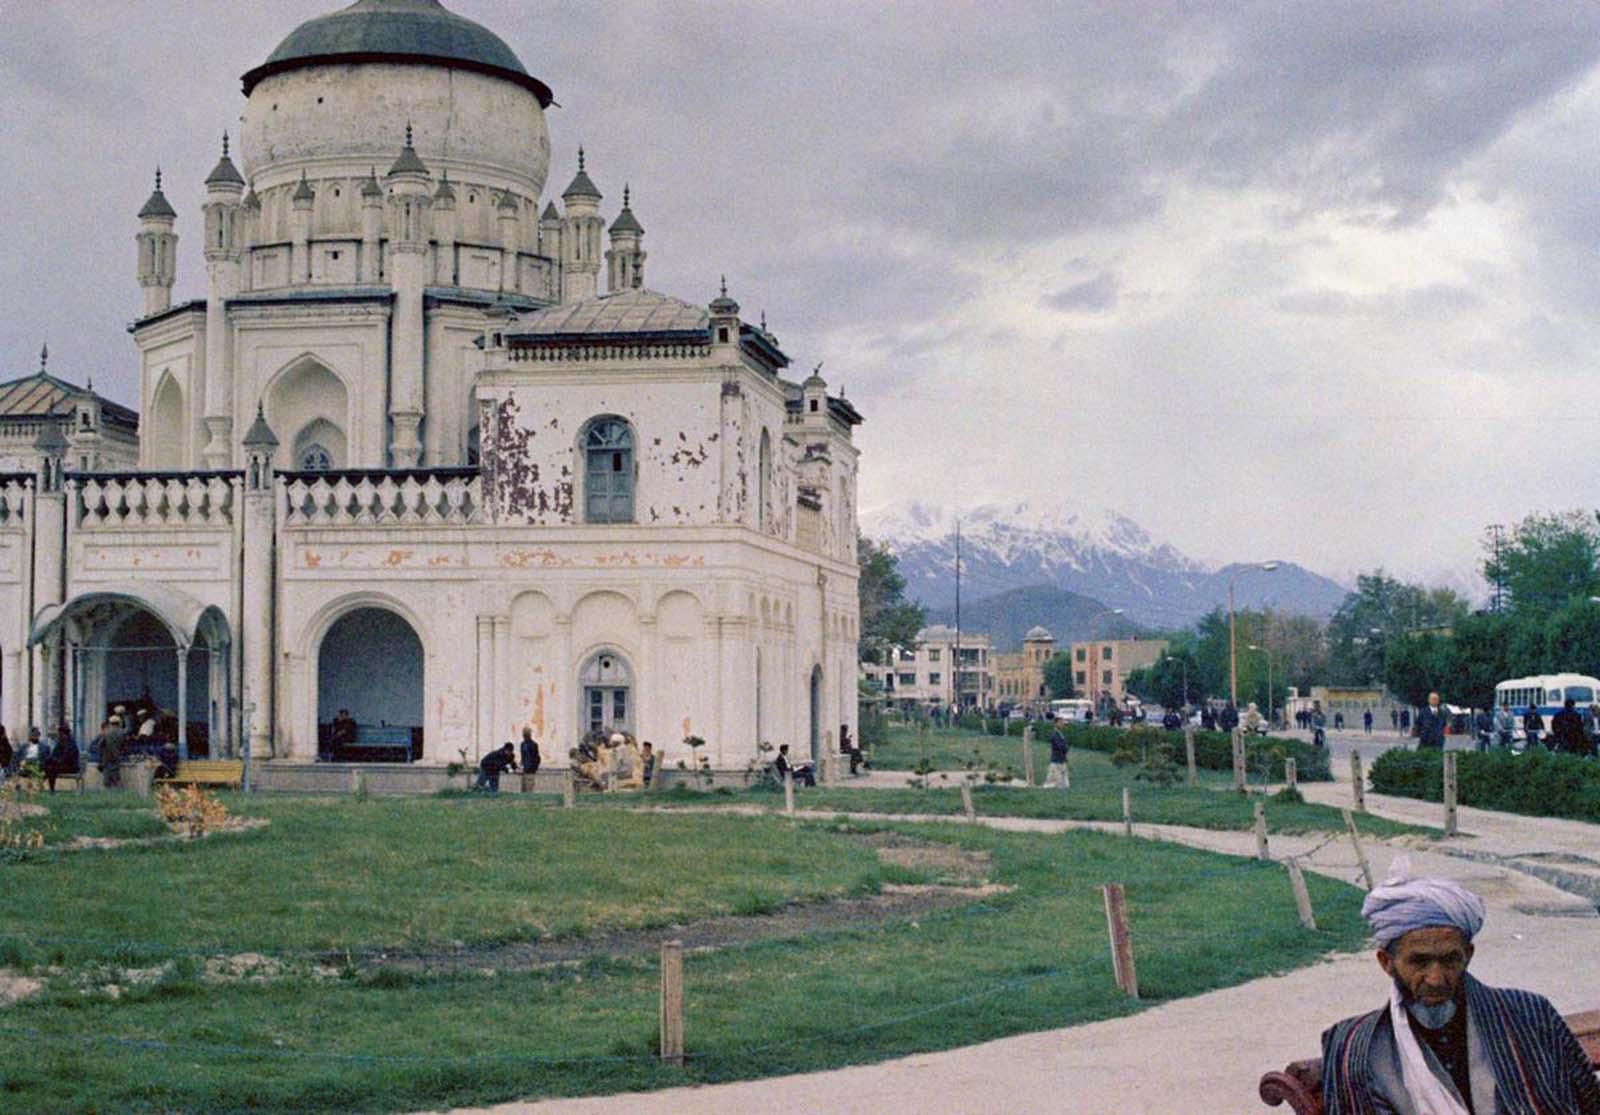 Arquitectura en Kabul, Afganistán, vista el 28 de mayo de 1968.